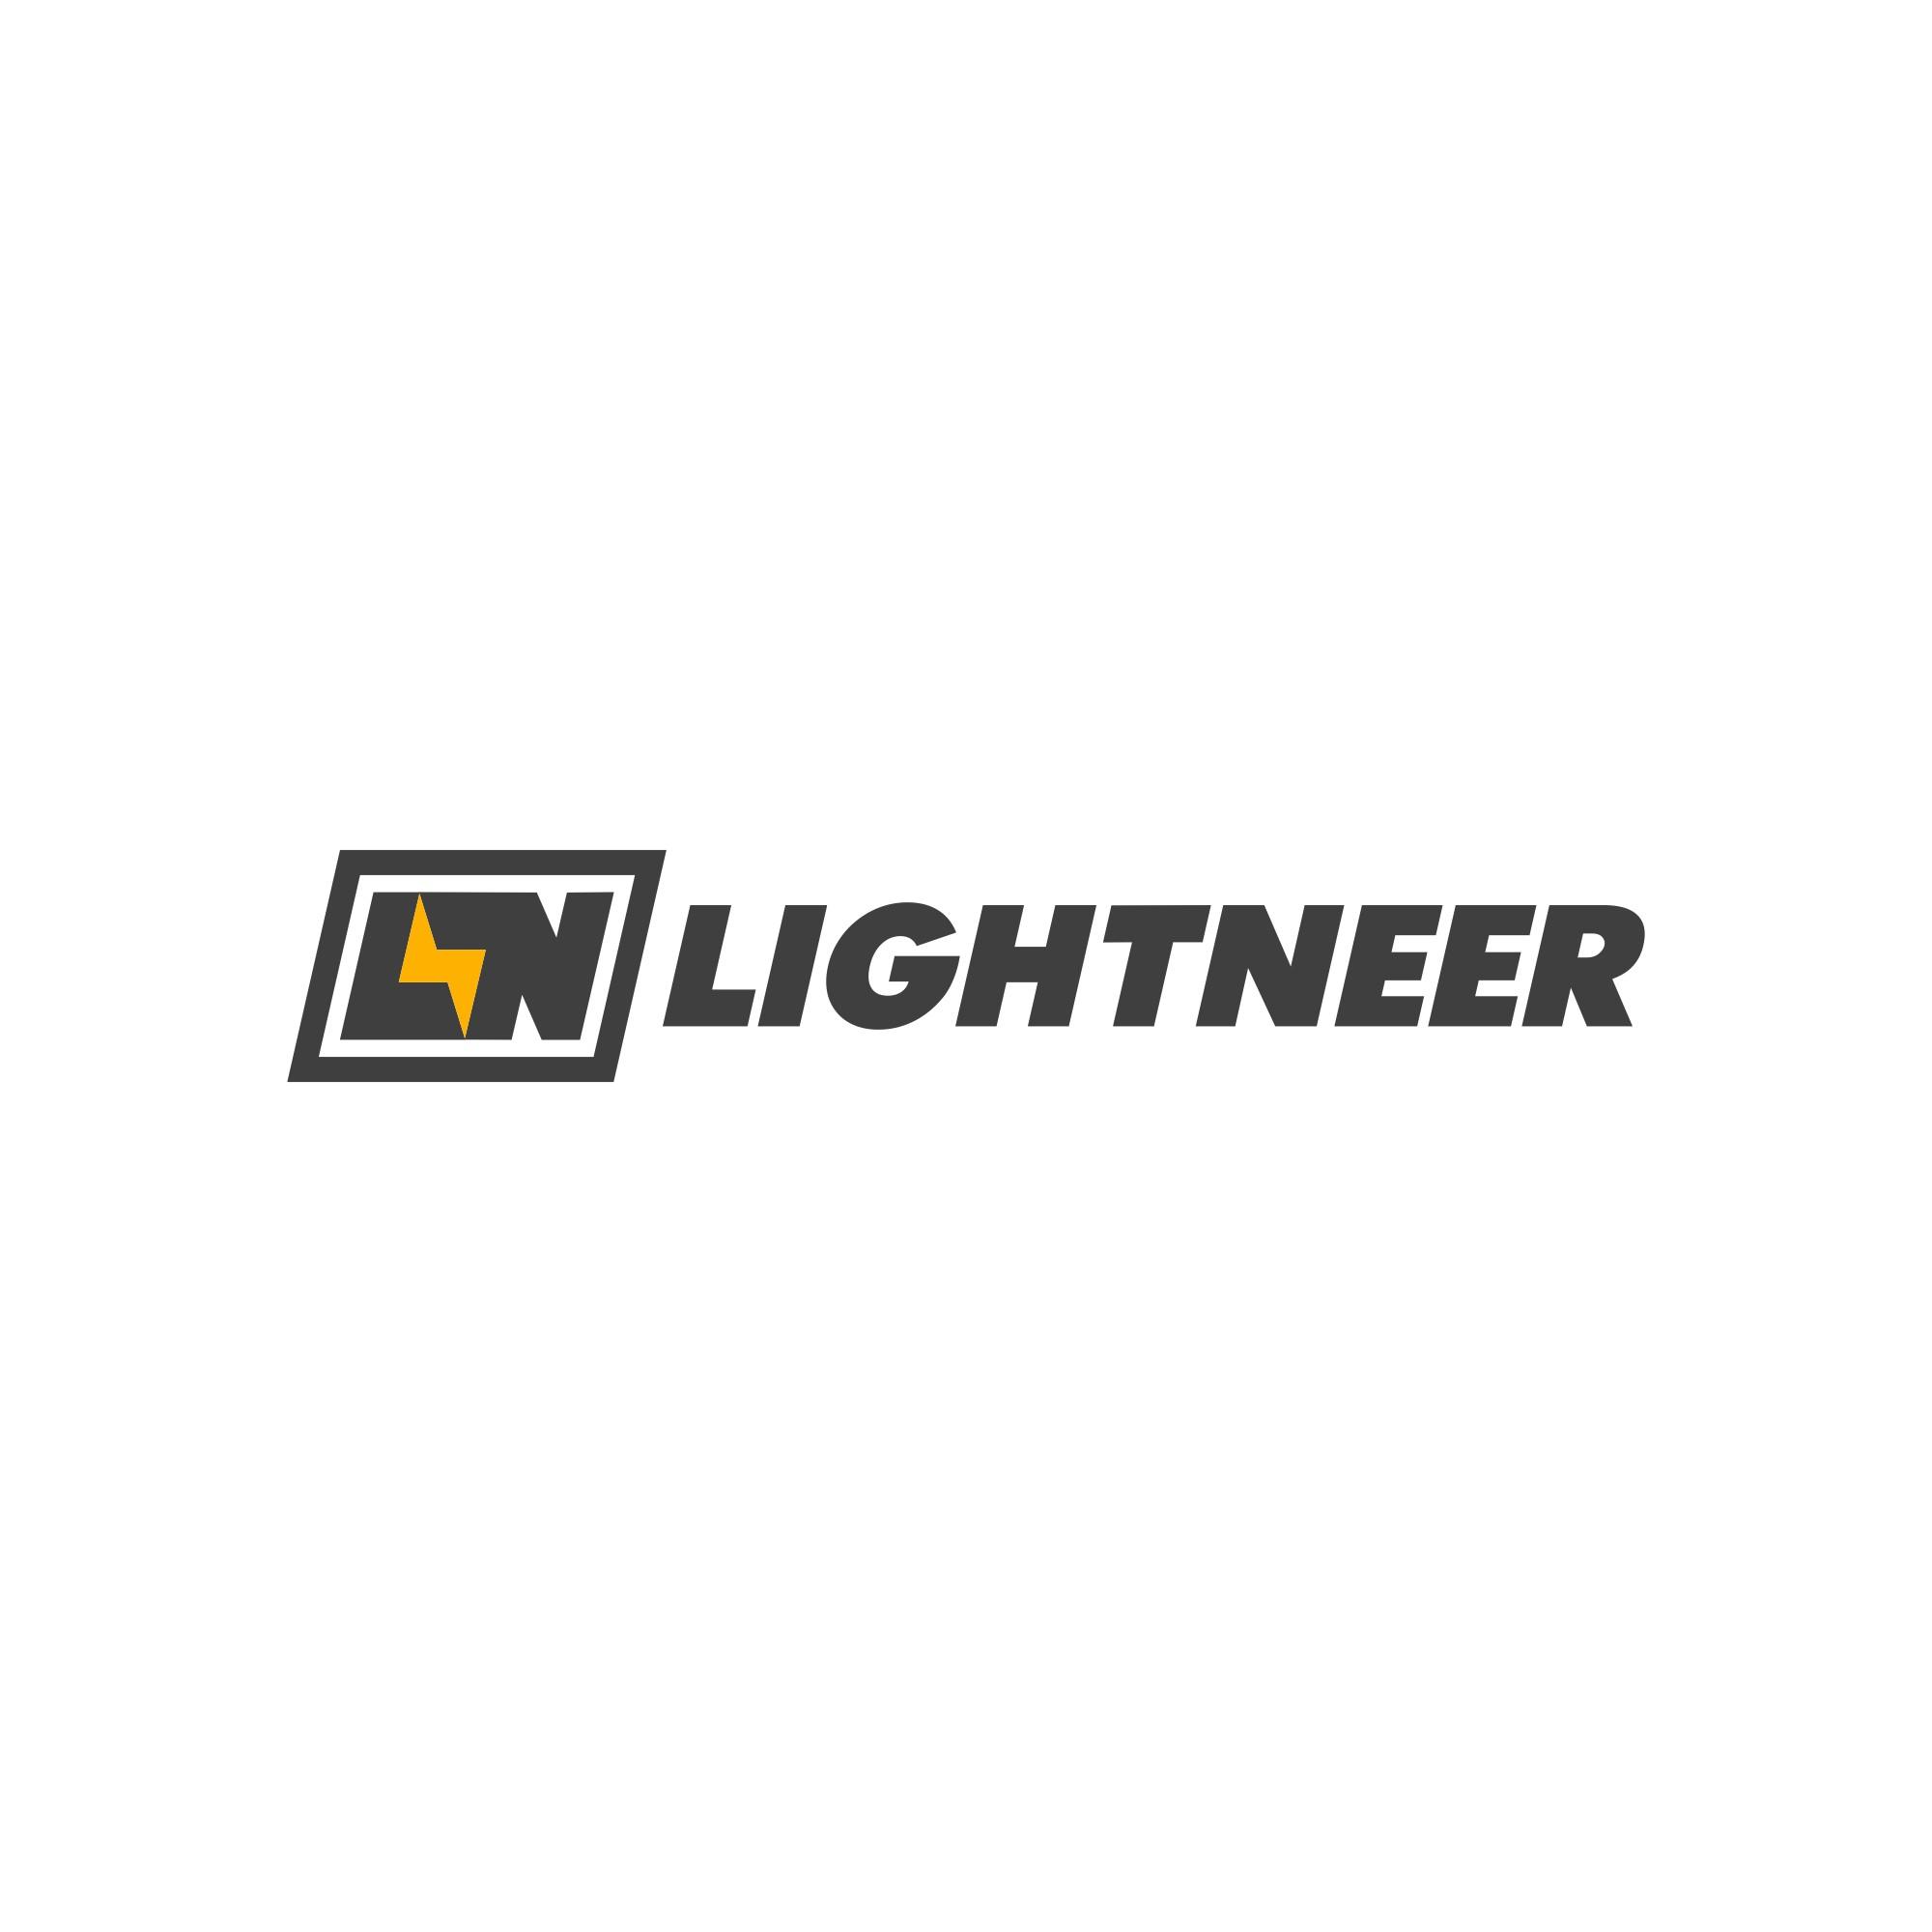 Lightneer new logo